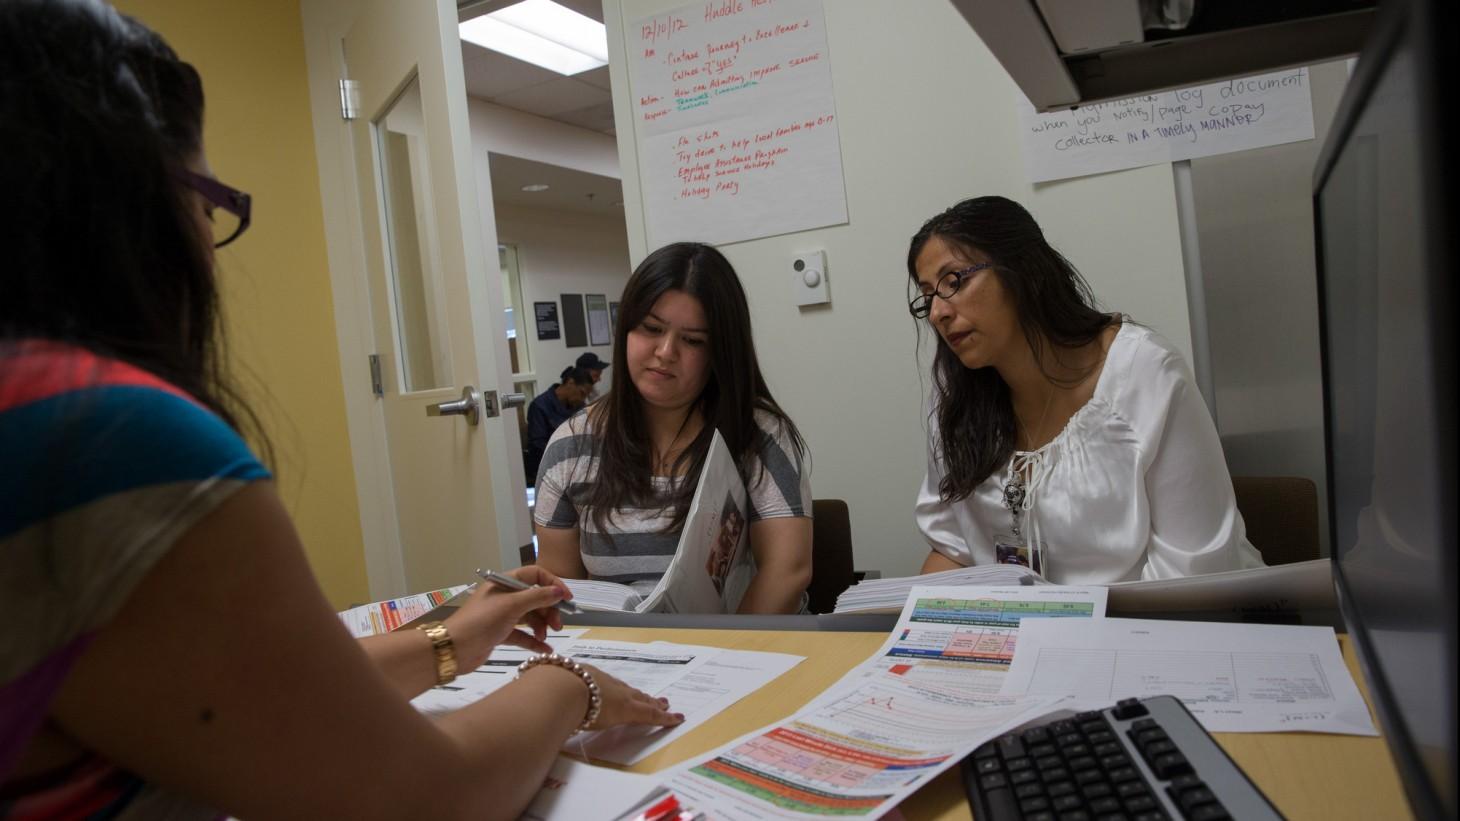 three women meeting around a desk